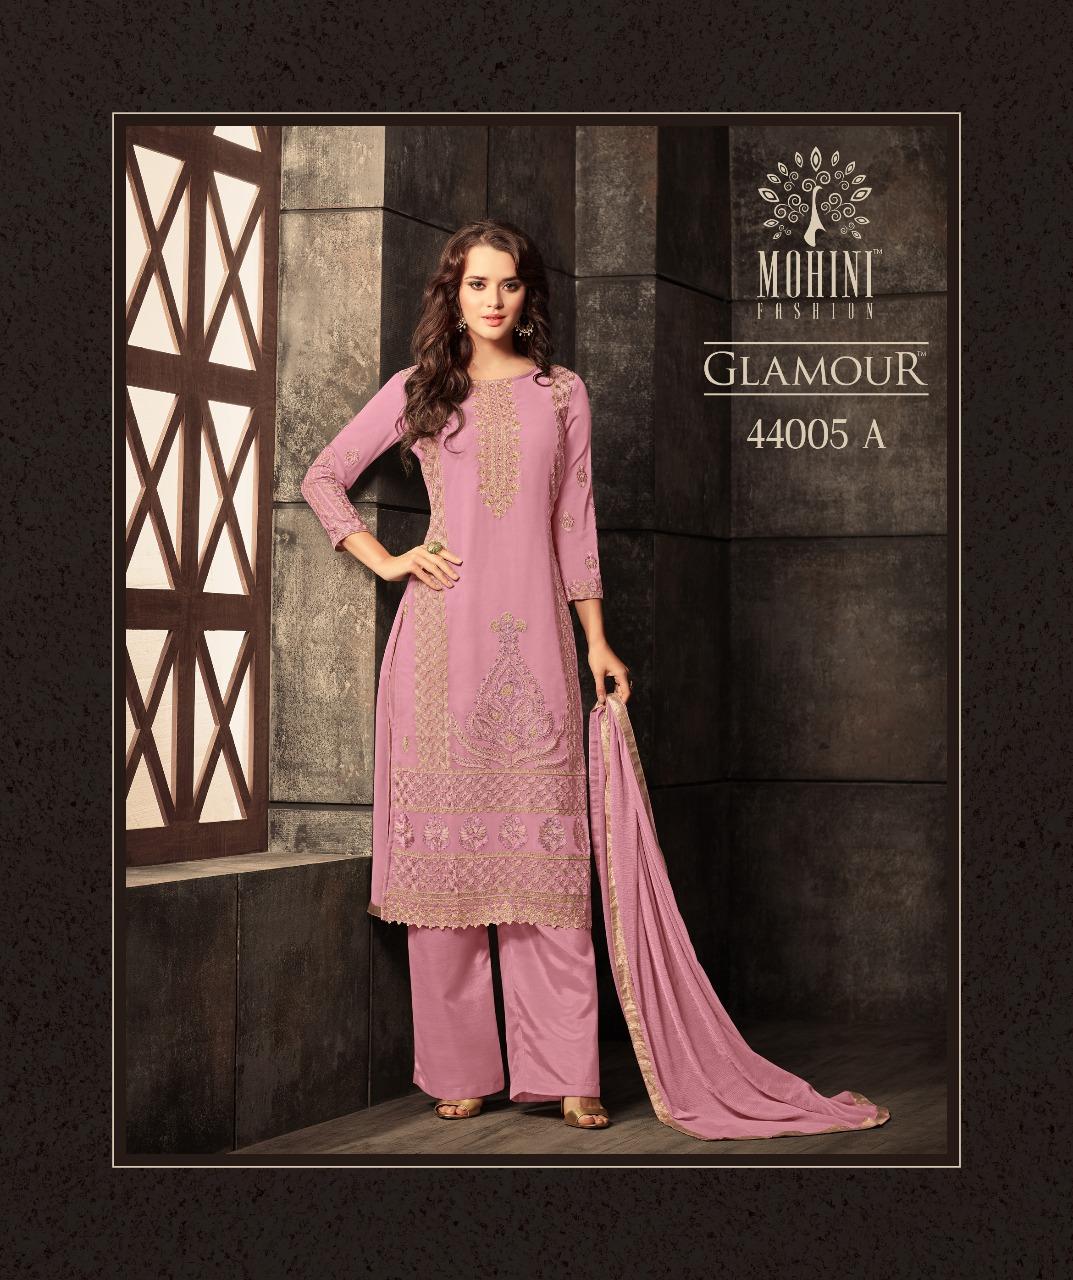 Mohini Fashion Glamour 44005A